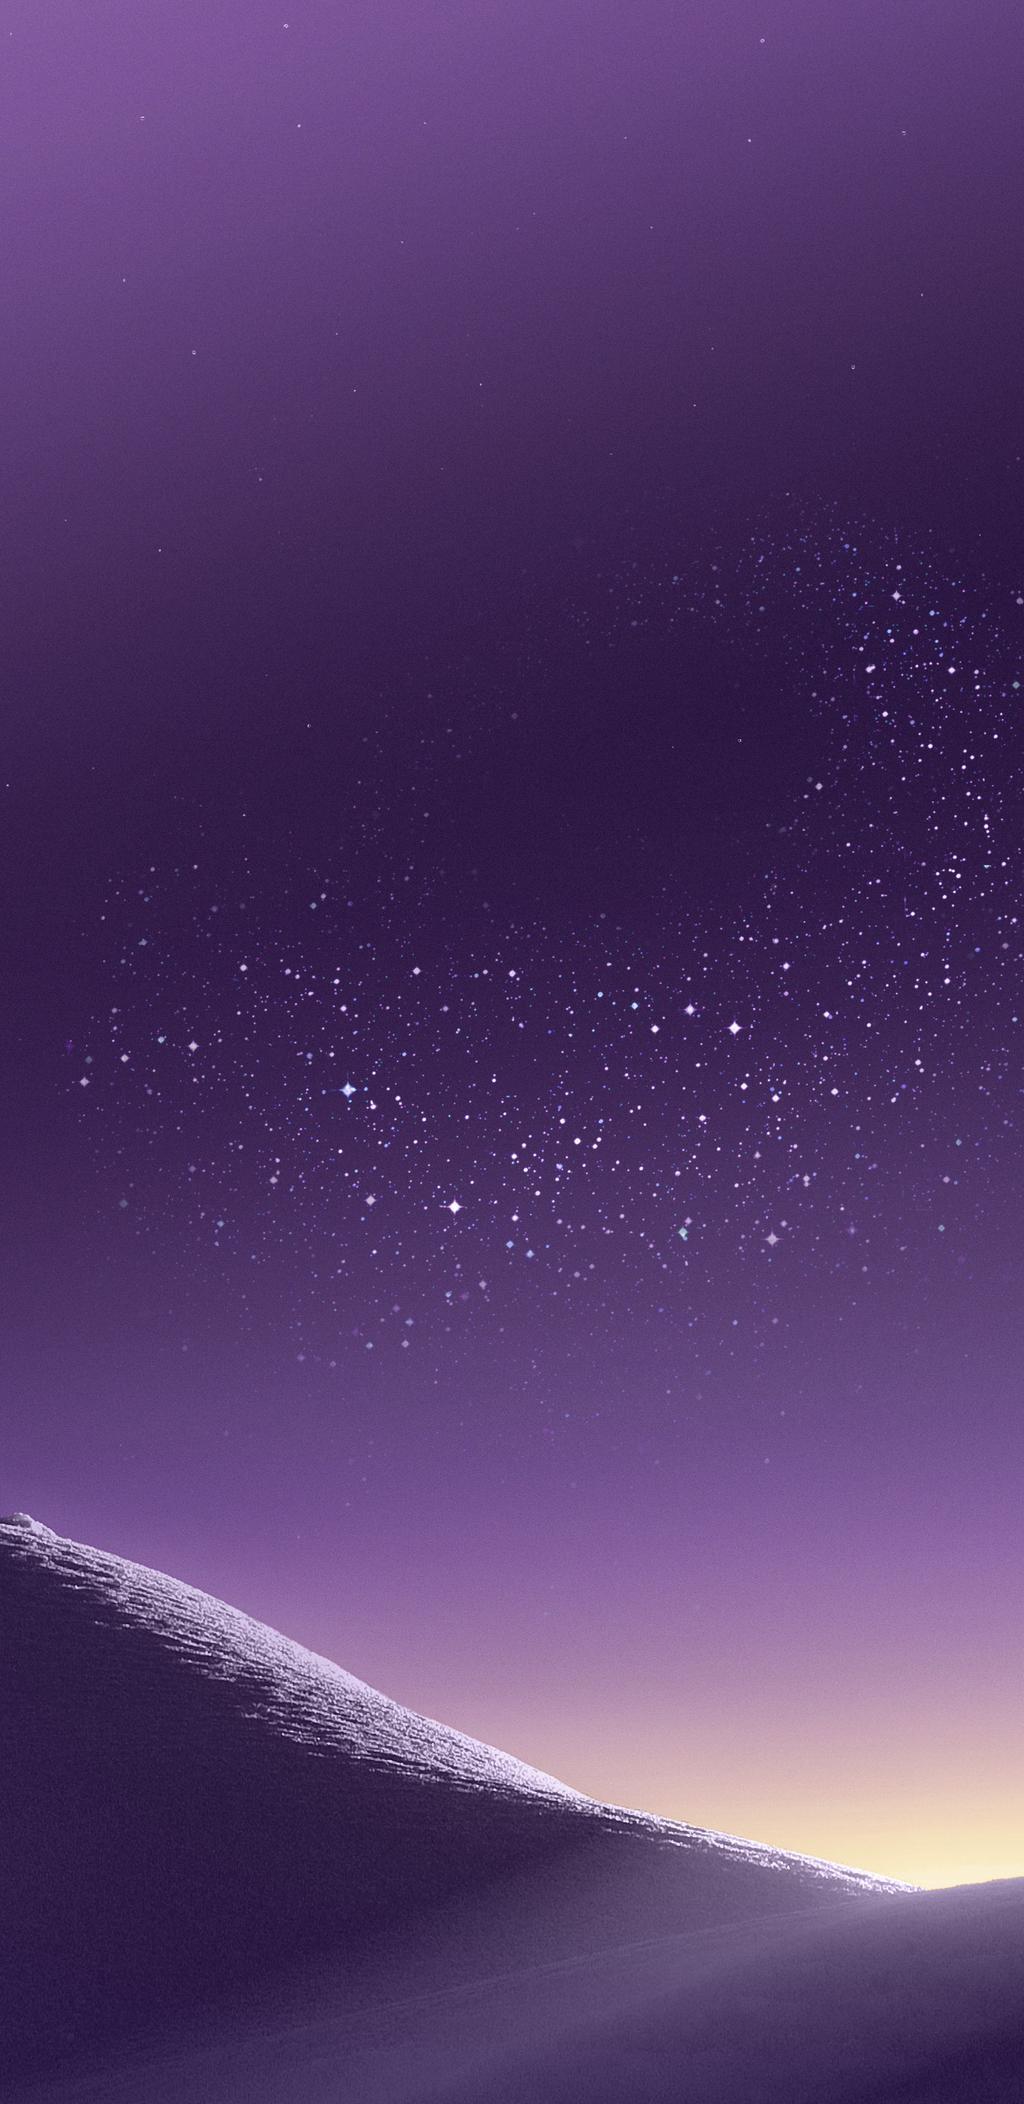 ギャラクシーs8紫色のスポット銀河s9壁紙 ロック画面の画像 Hdの携帯電話の壁紙 代替 壁紙